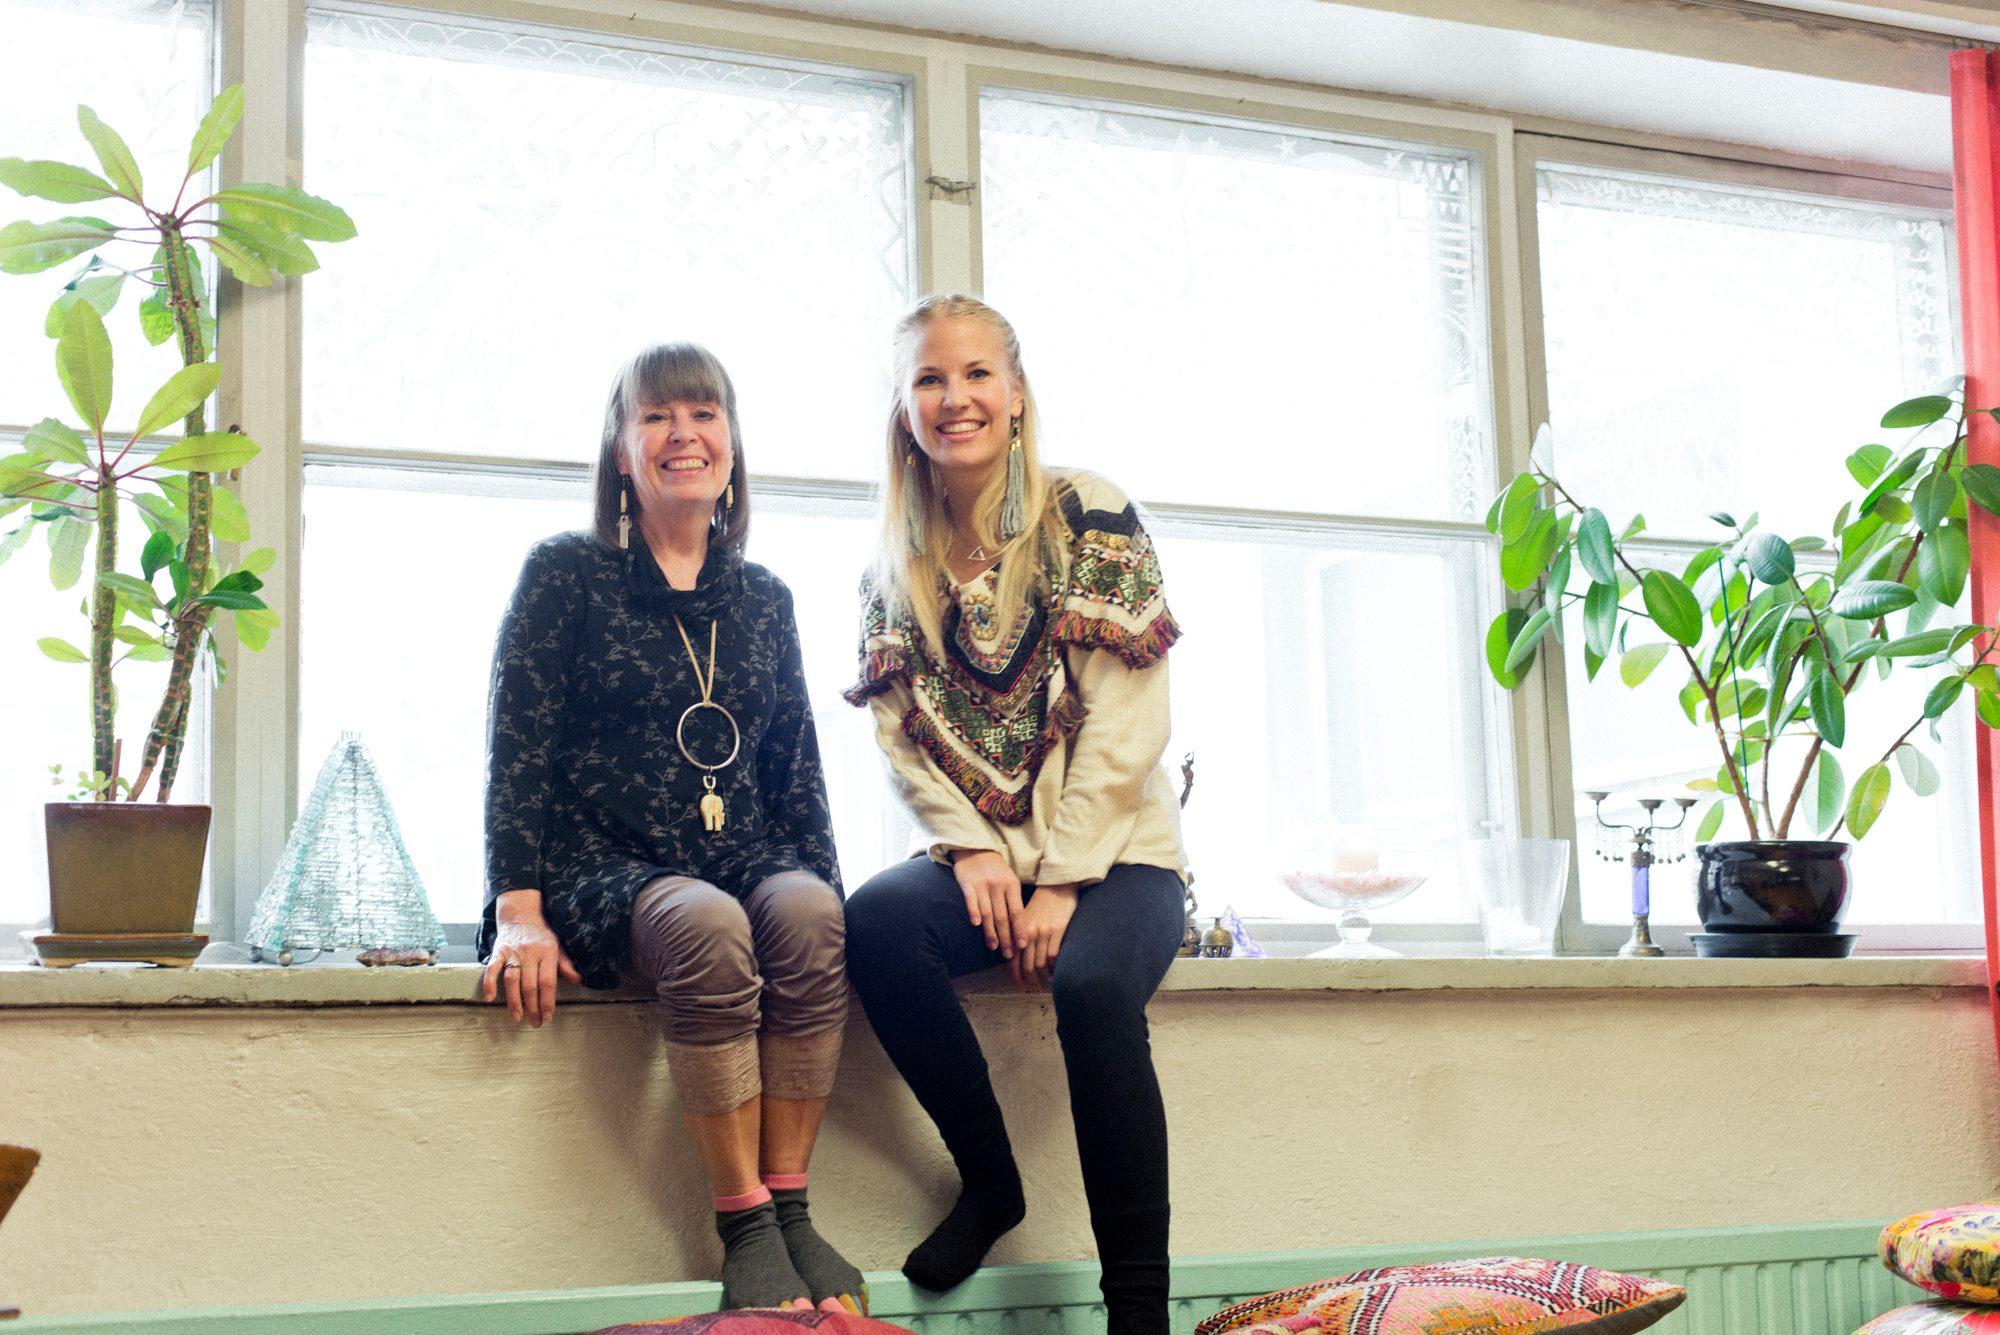 Pihasalin aiemmat omistajat Kirsi Piha-Timonen ja Hanna Ruax Pihasalin vanhassa toimitilassa Helsingin Kalevankadulla syyskuussa 2015. | Pihasali's previous owners Kirsi Piha-Timonen and Hanna Ruax at Pihasali's old premises in September 2015.